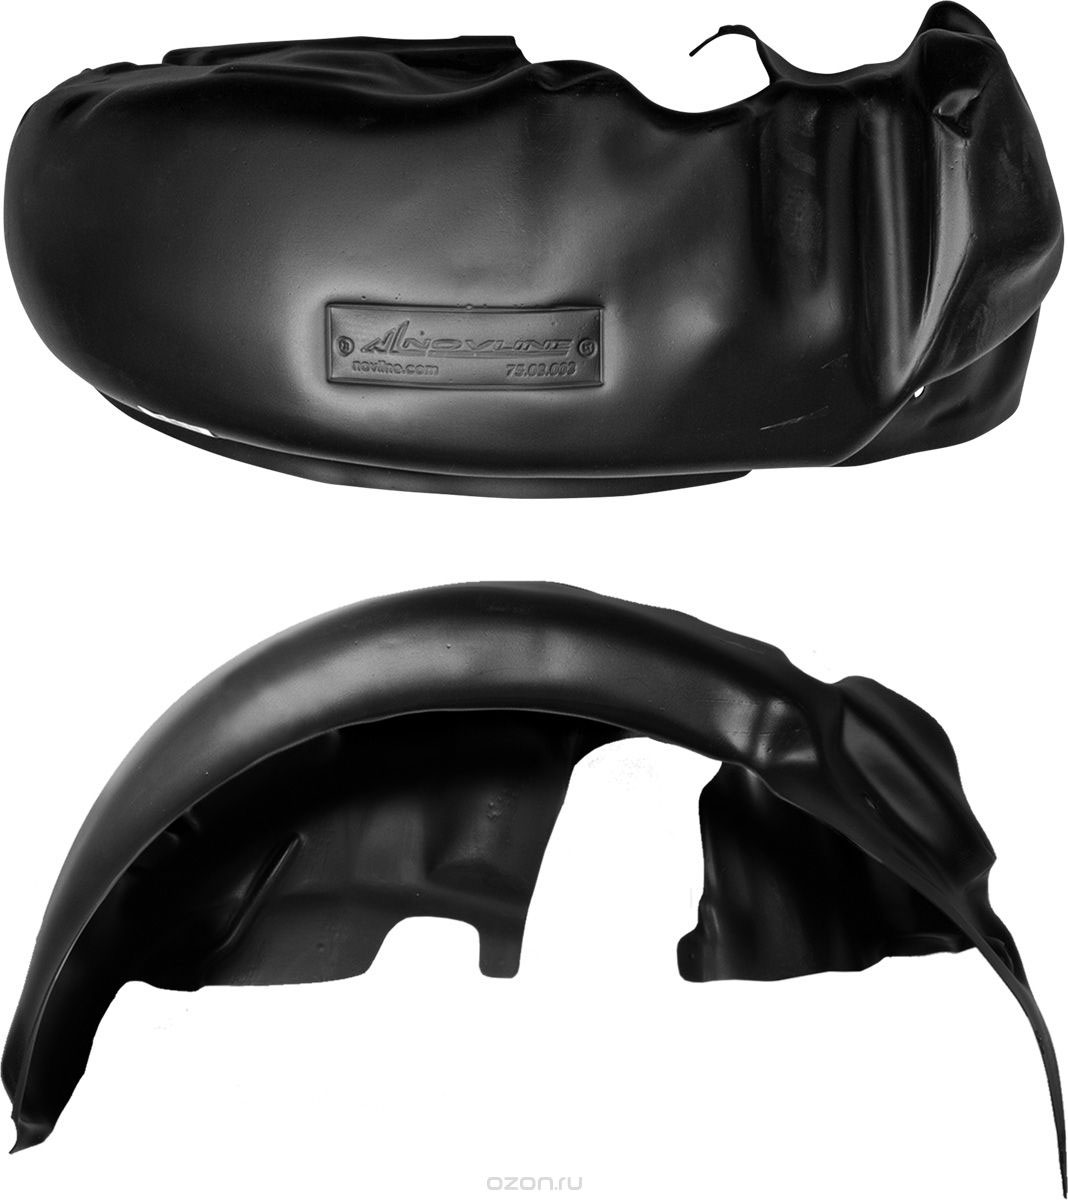 Подкрылок Novline-Autofamily, для NISSAN Qashqai+2 2008-2013, задний правый234100Идеальная защита колесной ниши. Локеры разработаны с применением цифровых технологий, гарантируют максимальную повторяемость поверхности арки. Изделия устанавливаются без нарушения лакокрасочного покрытия автомобиля, каждый подкрылок комплектуется крепежом. Уважаемые клиенты, обращаем ваше внимание, что фотографии на подкрылки универсальные и не отражают реальную форму изделия. При этом само изделие идет точно под размер указанного автомобиля.